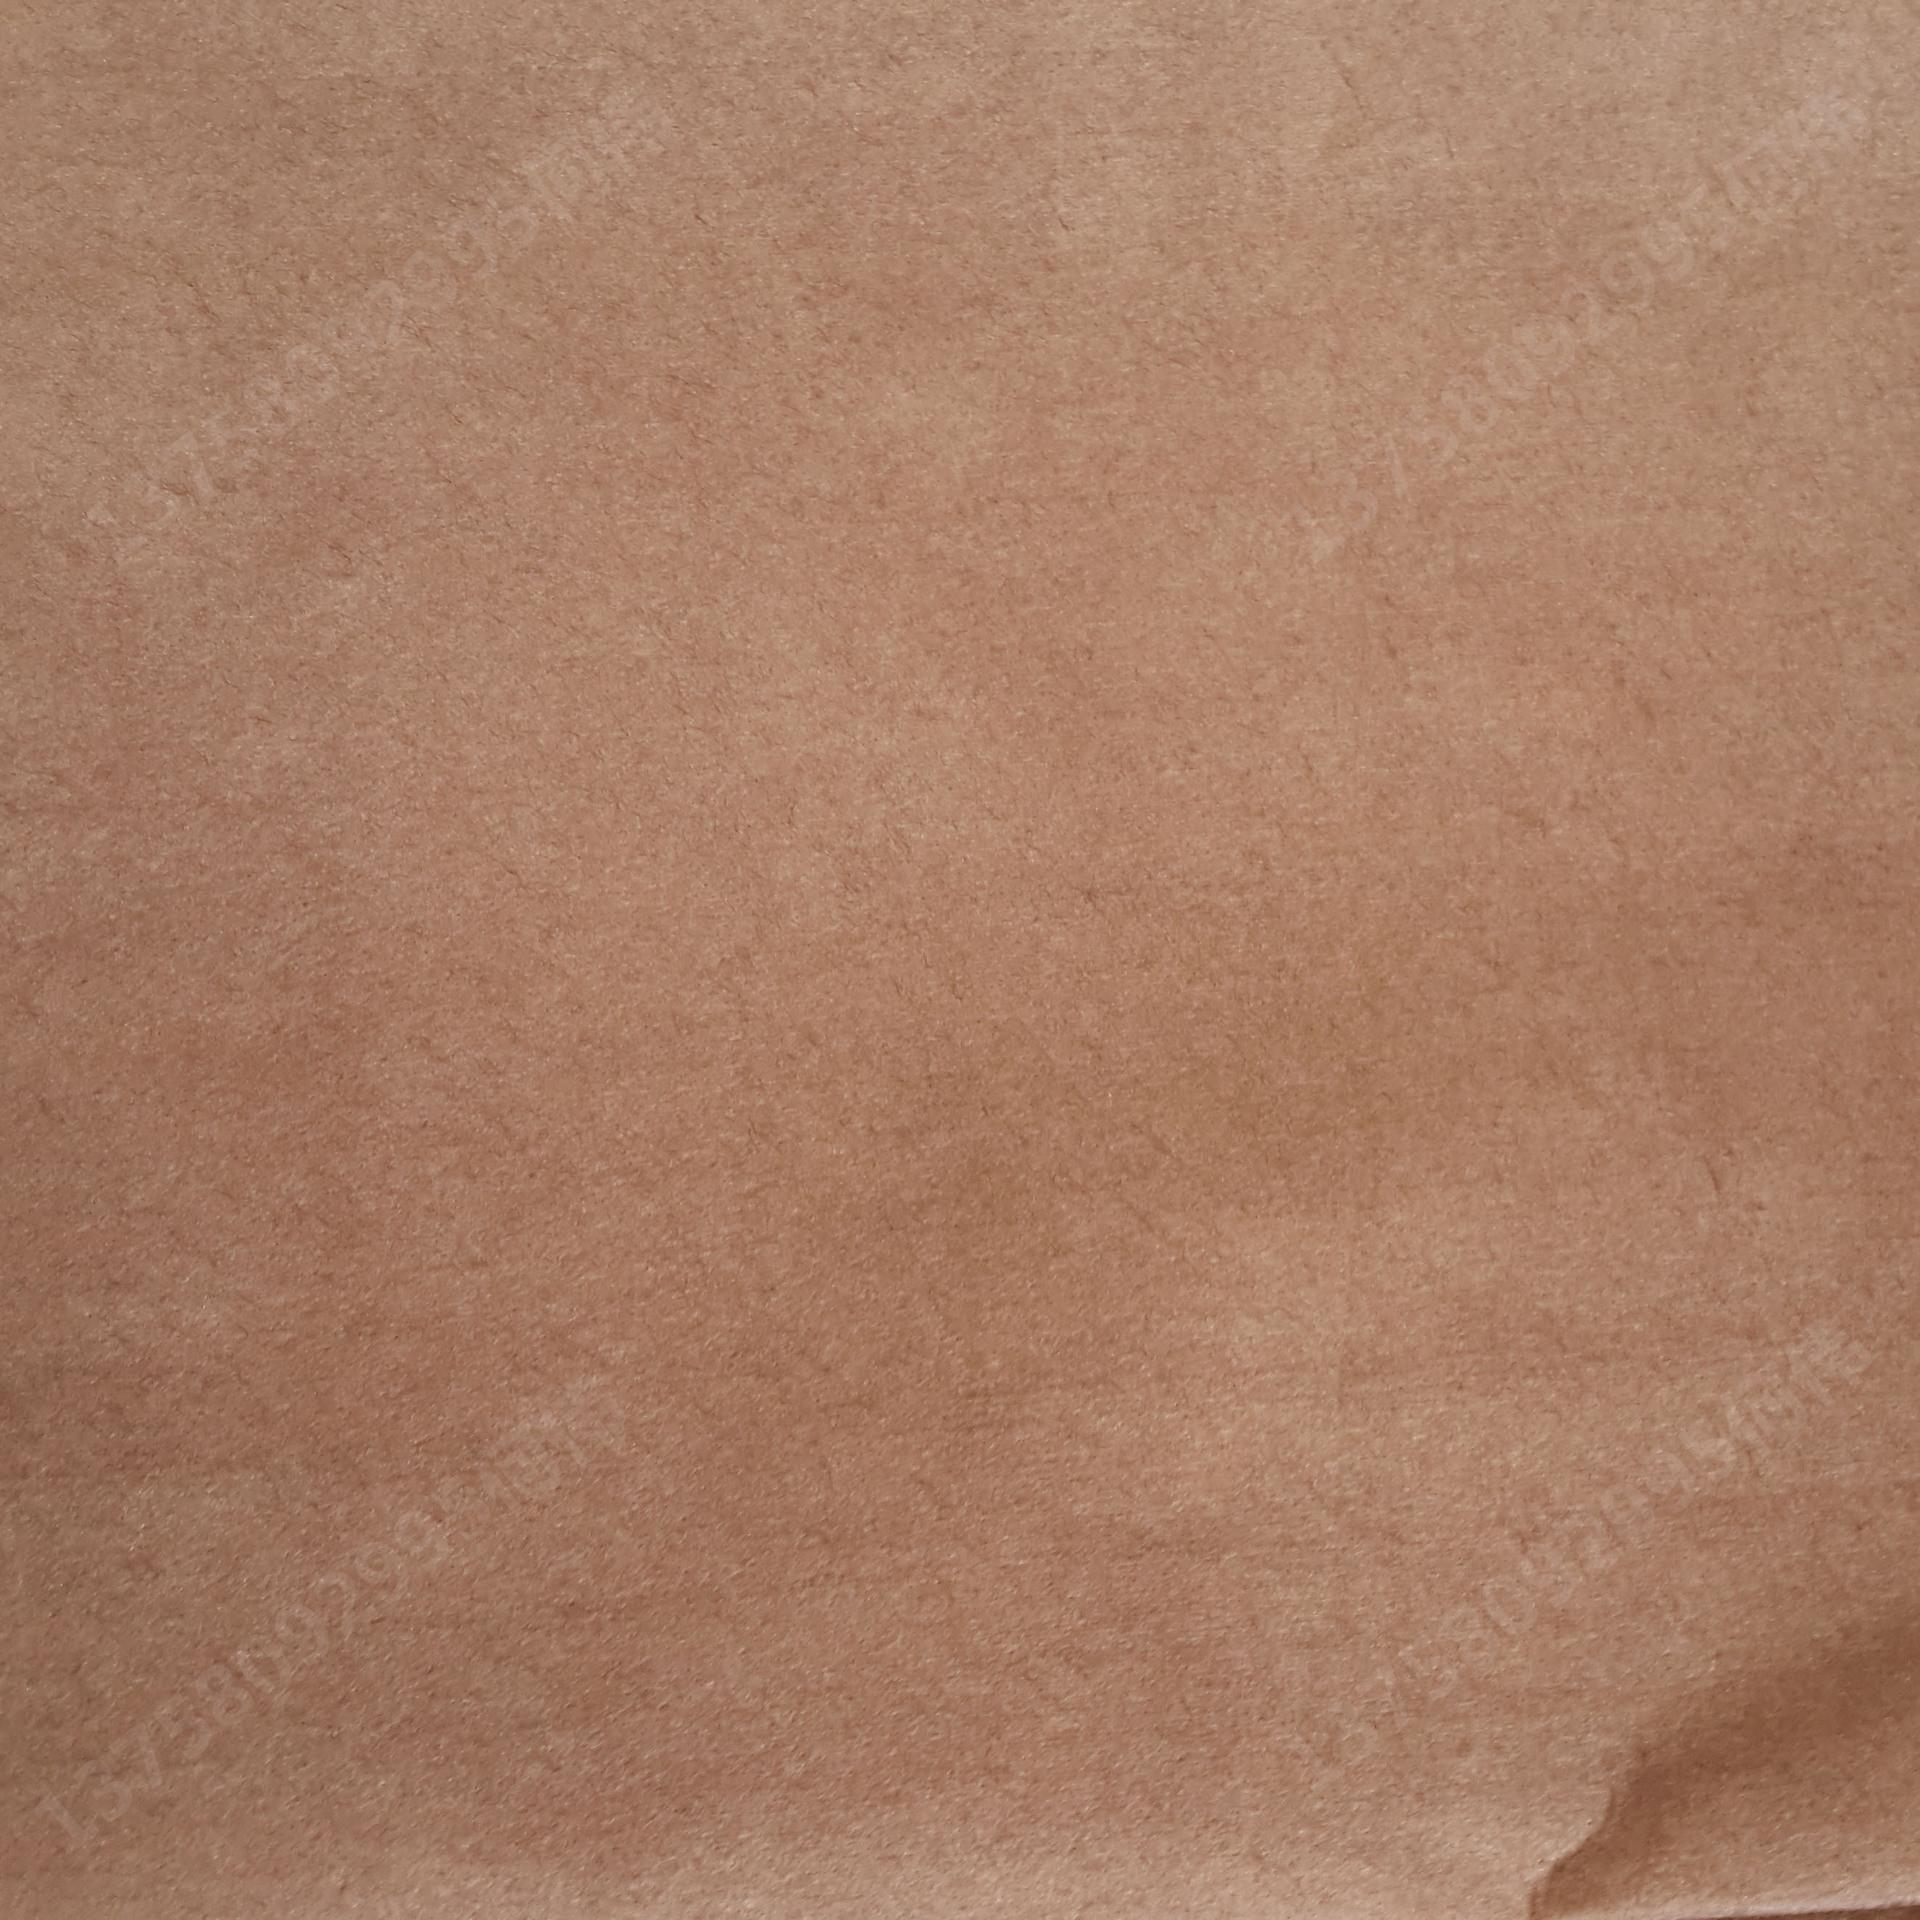 水刺无纺布肤色膏药布